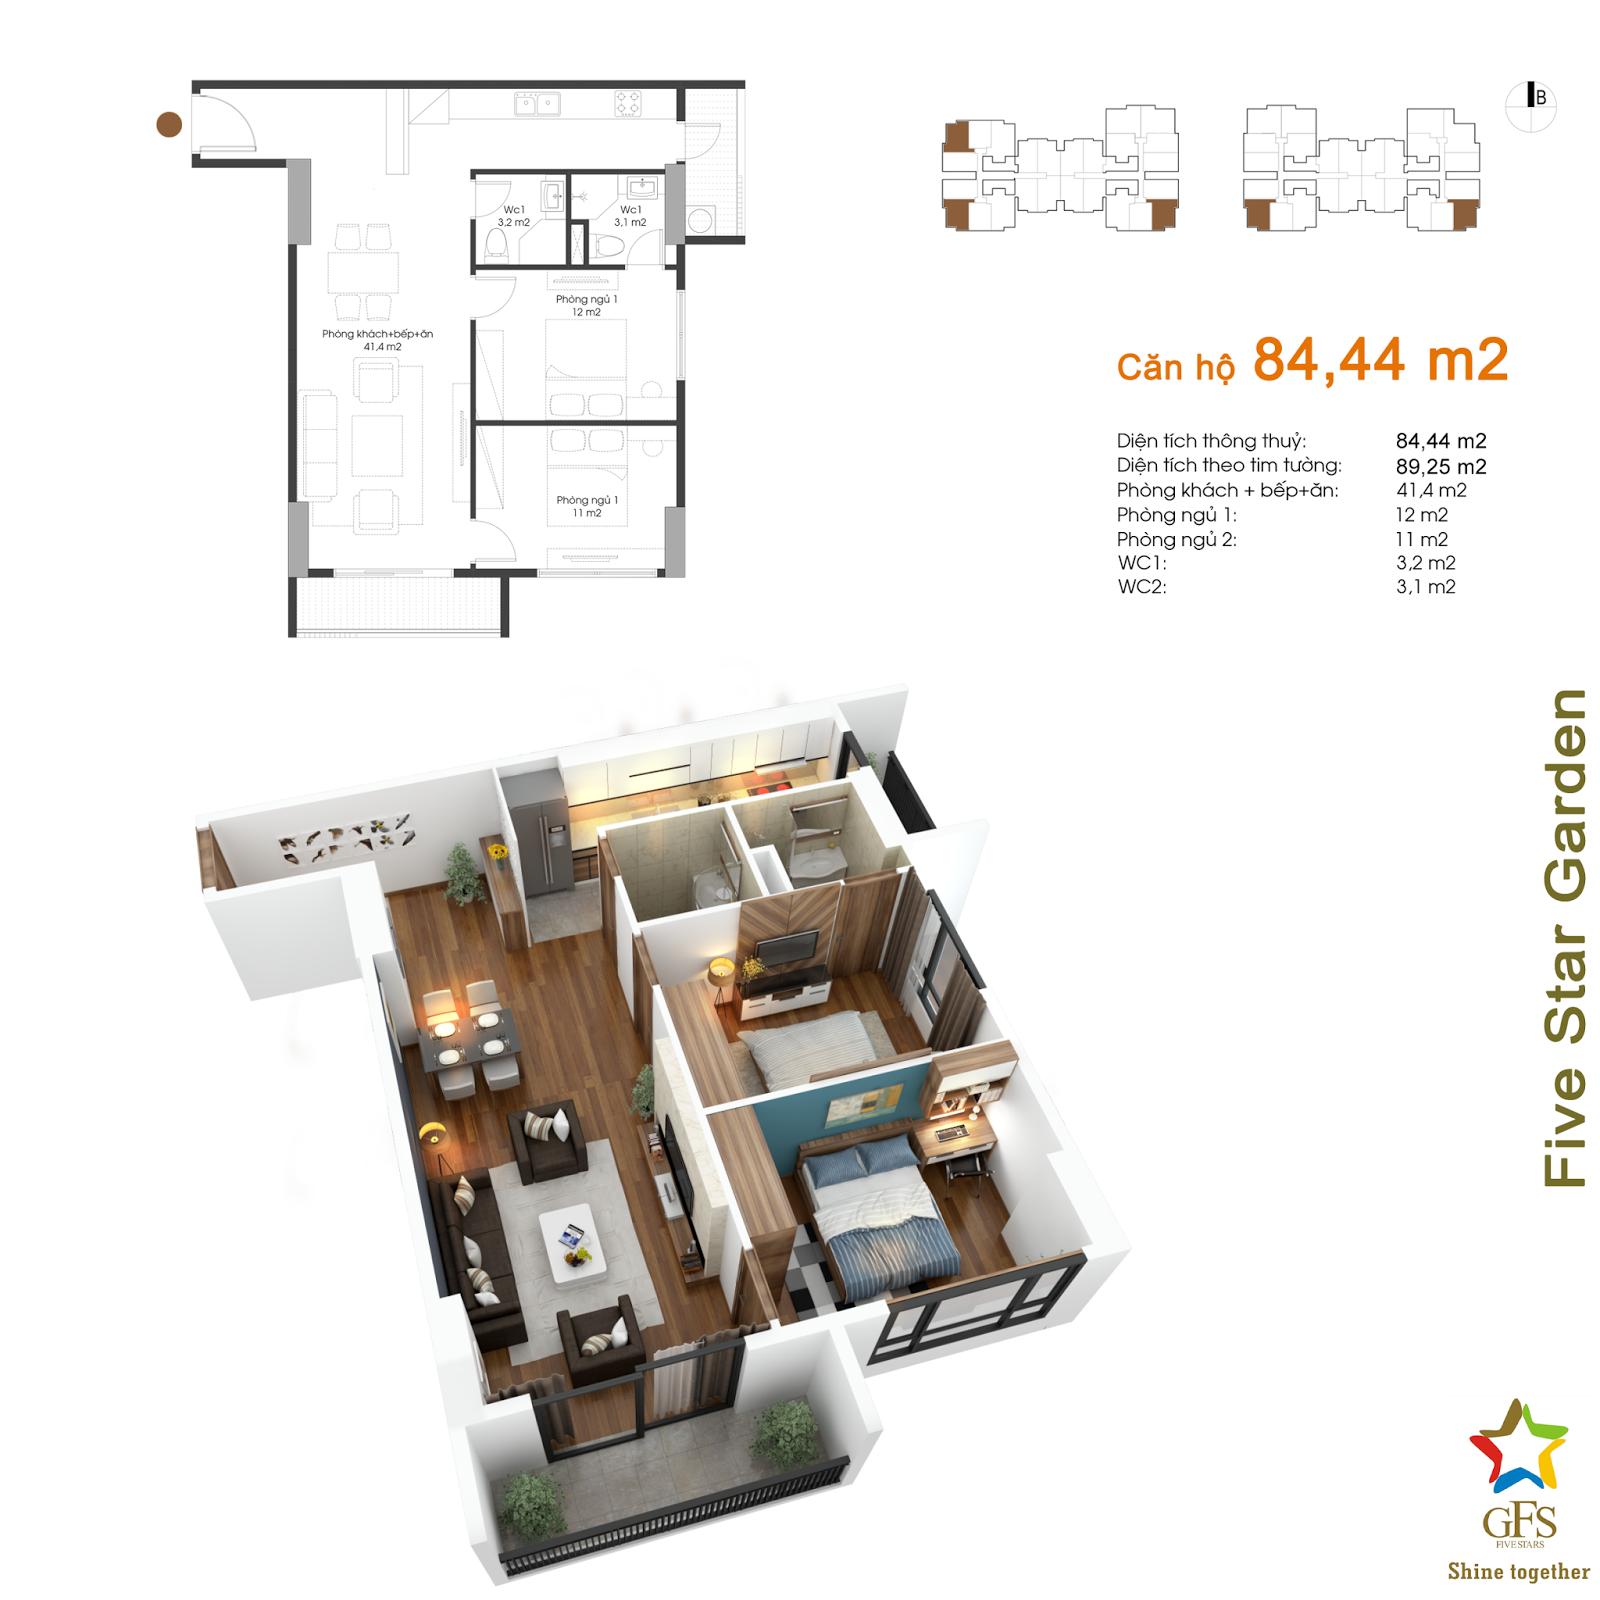 Thiết kế căn hộ 84,44 m2 Five Star Kim Giang